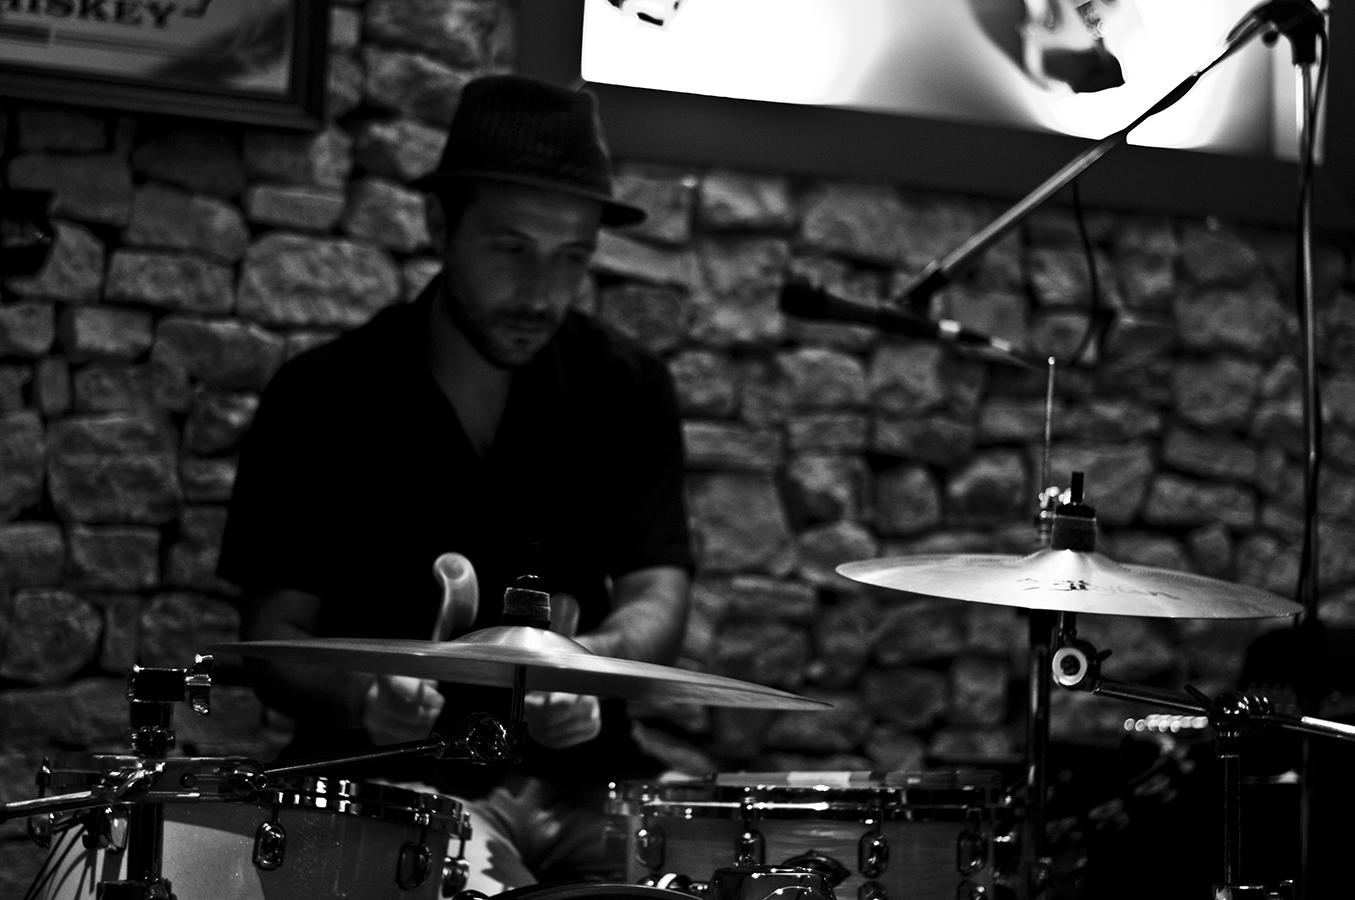 Batería - Martini Boys | 2010 | Mallorca, España - Drummer - Martini Boys | 2010 | Mallorca, Spain - Miguel Naya | Photography